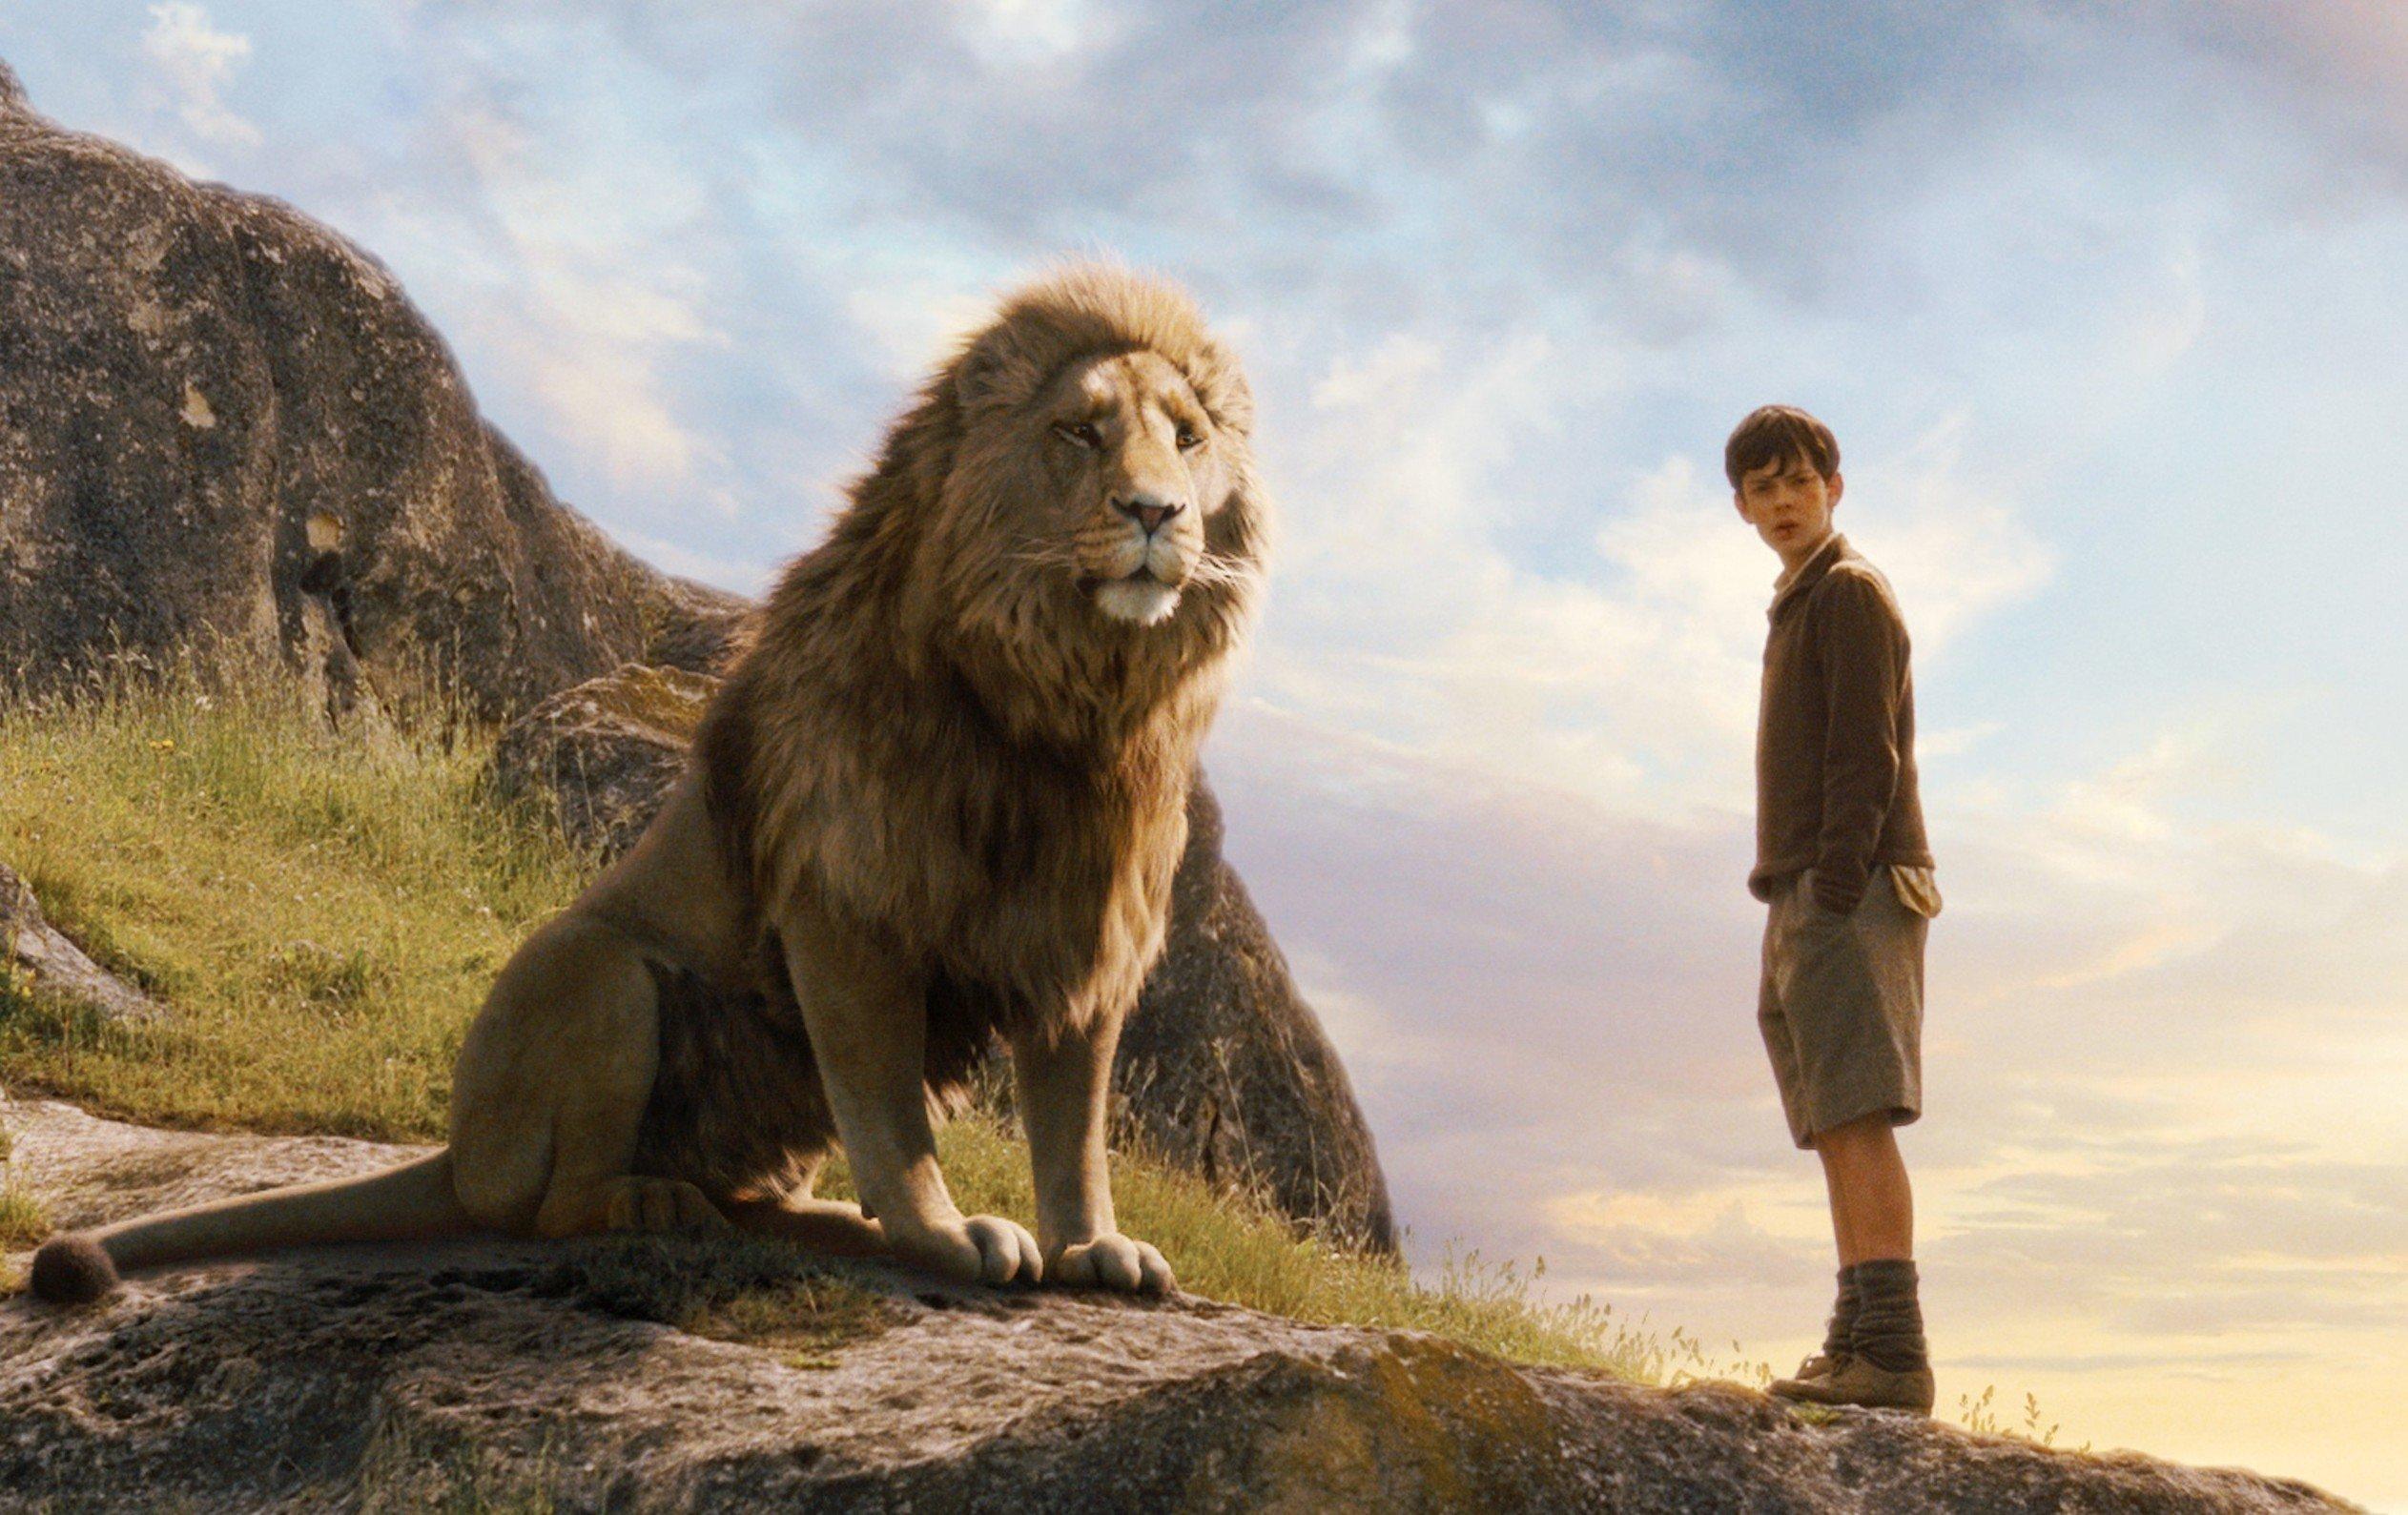 лев аслан из нарнии картинки проблемой возможно